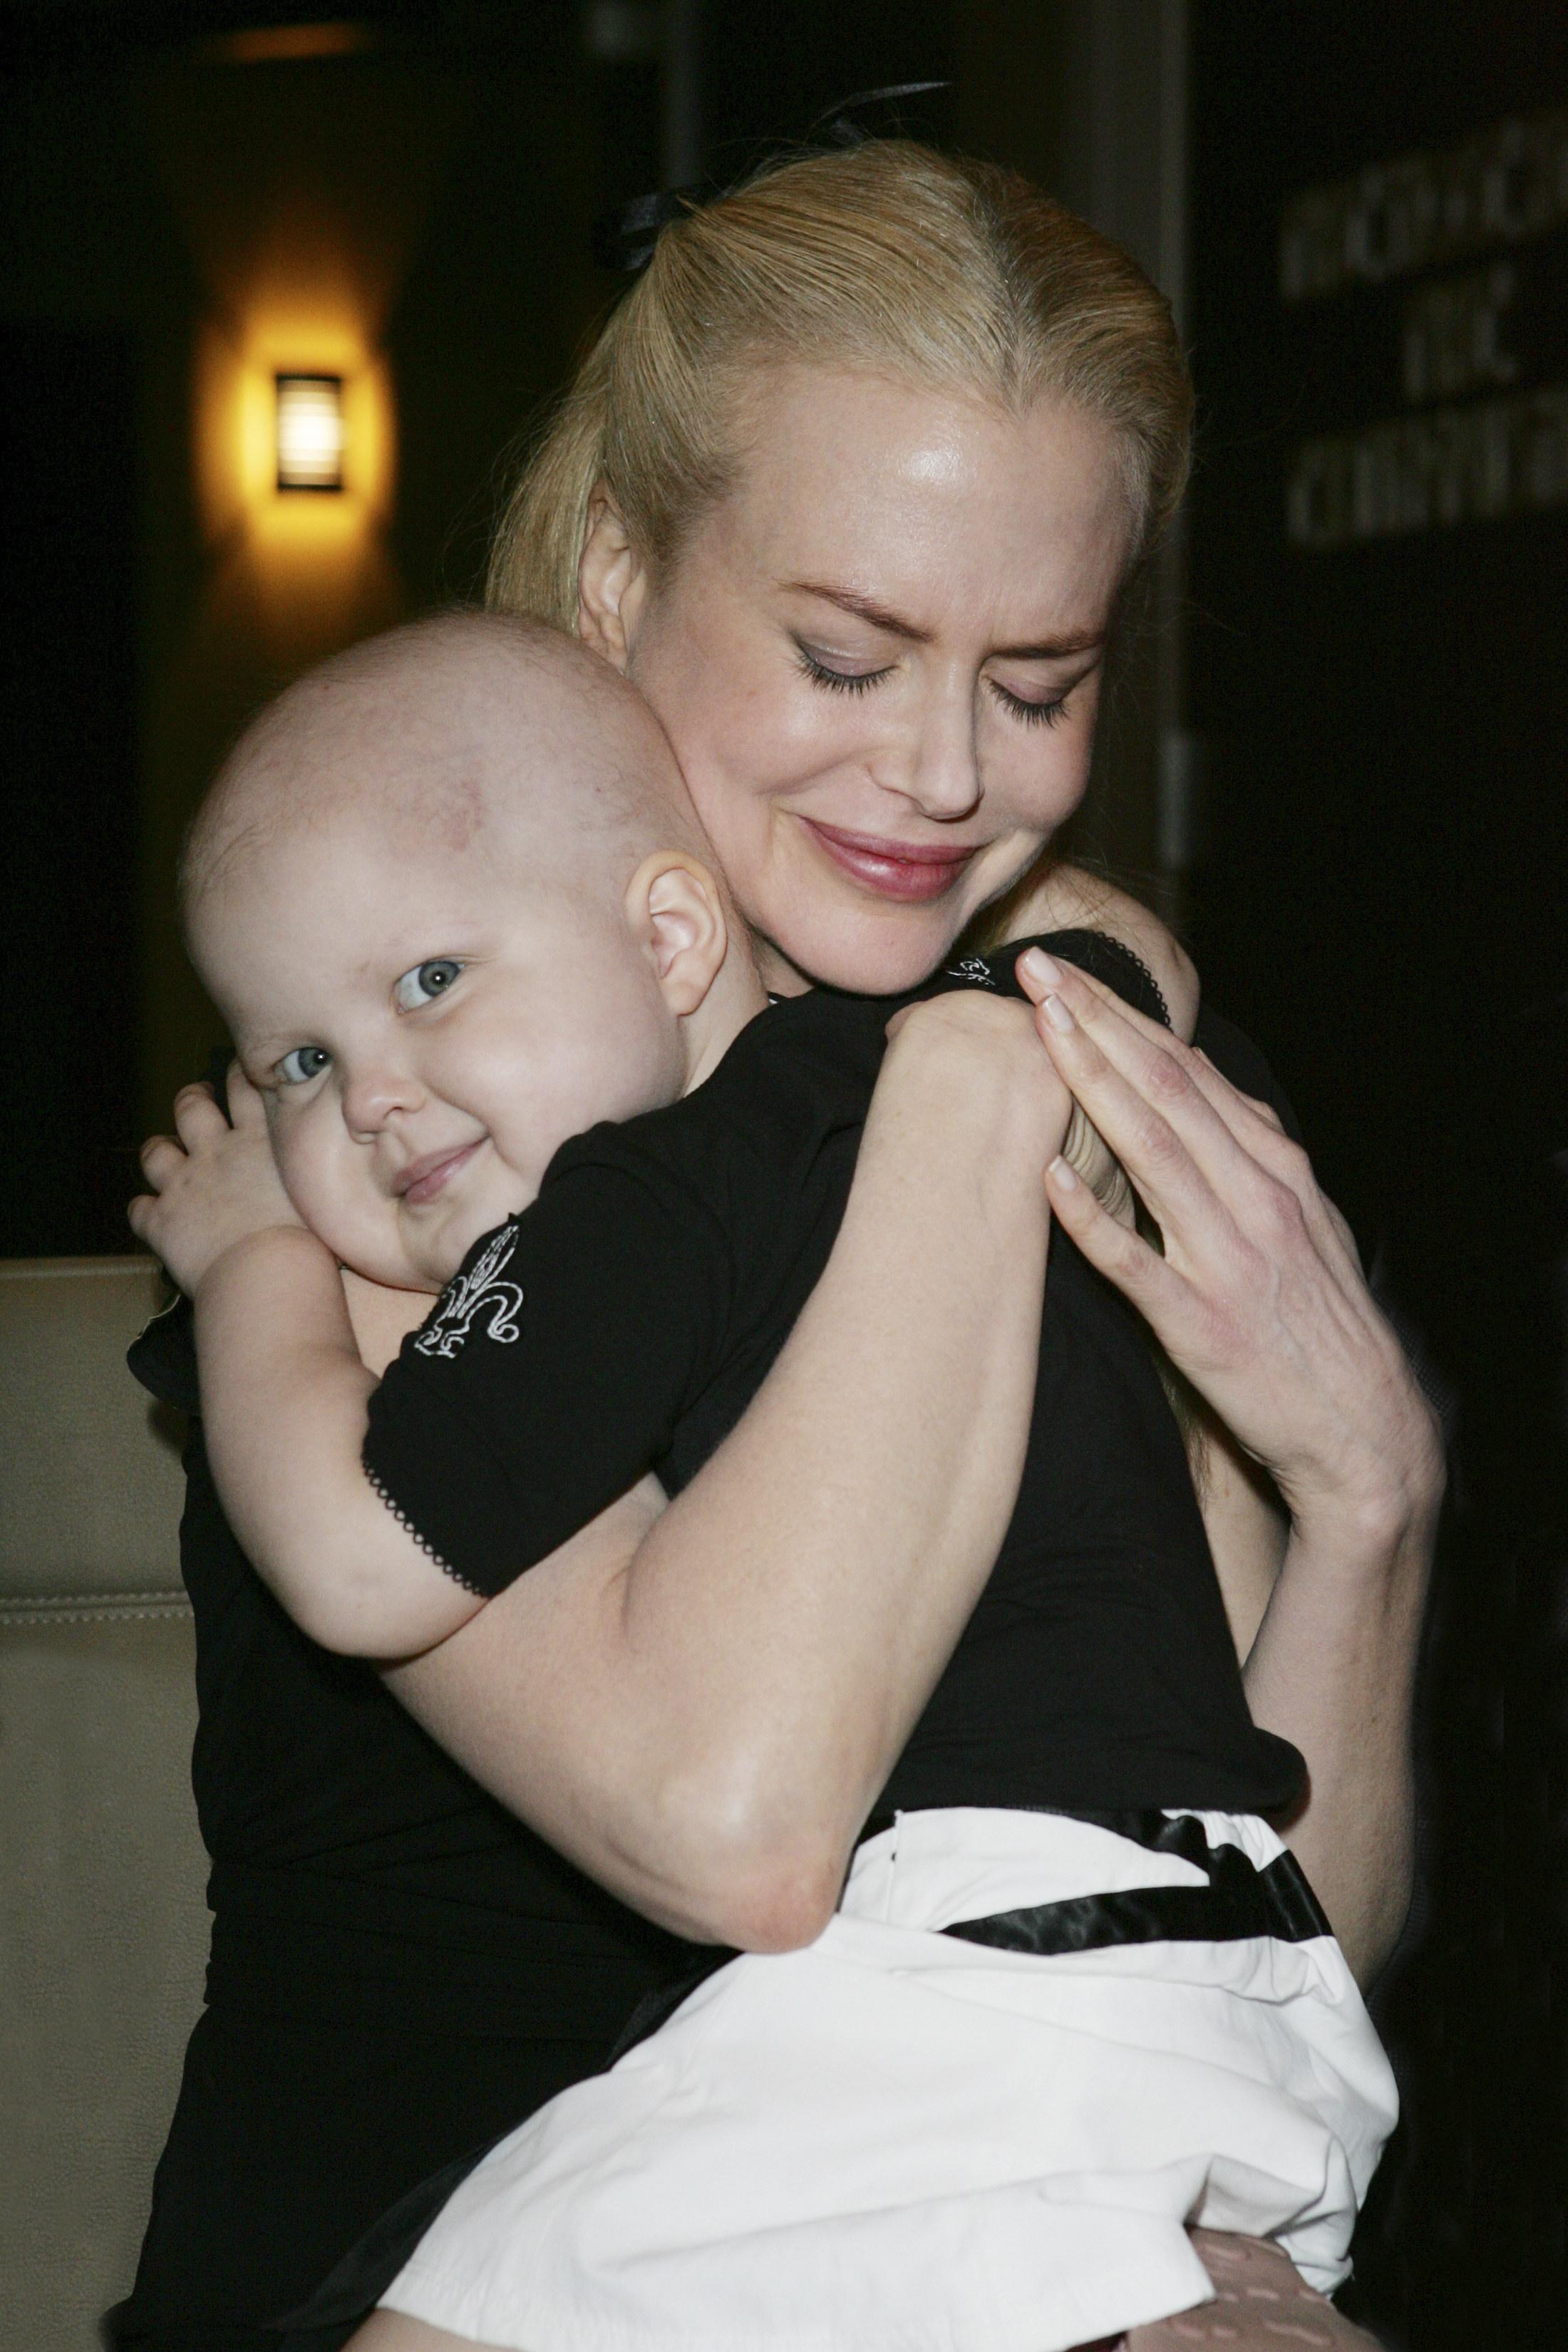 Nicole_Kidman_GG006.JPG